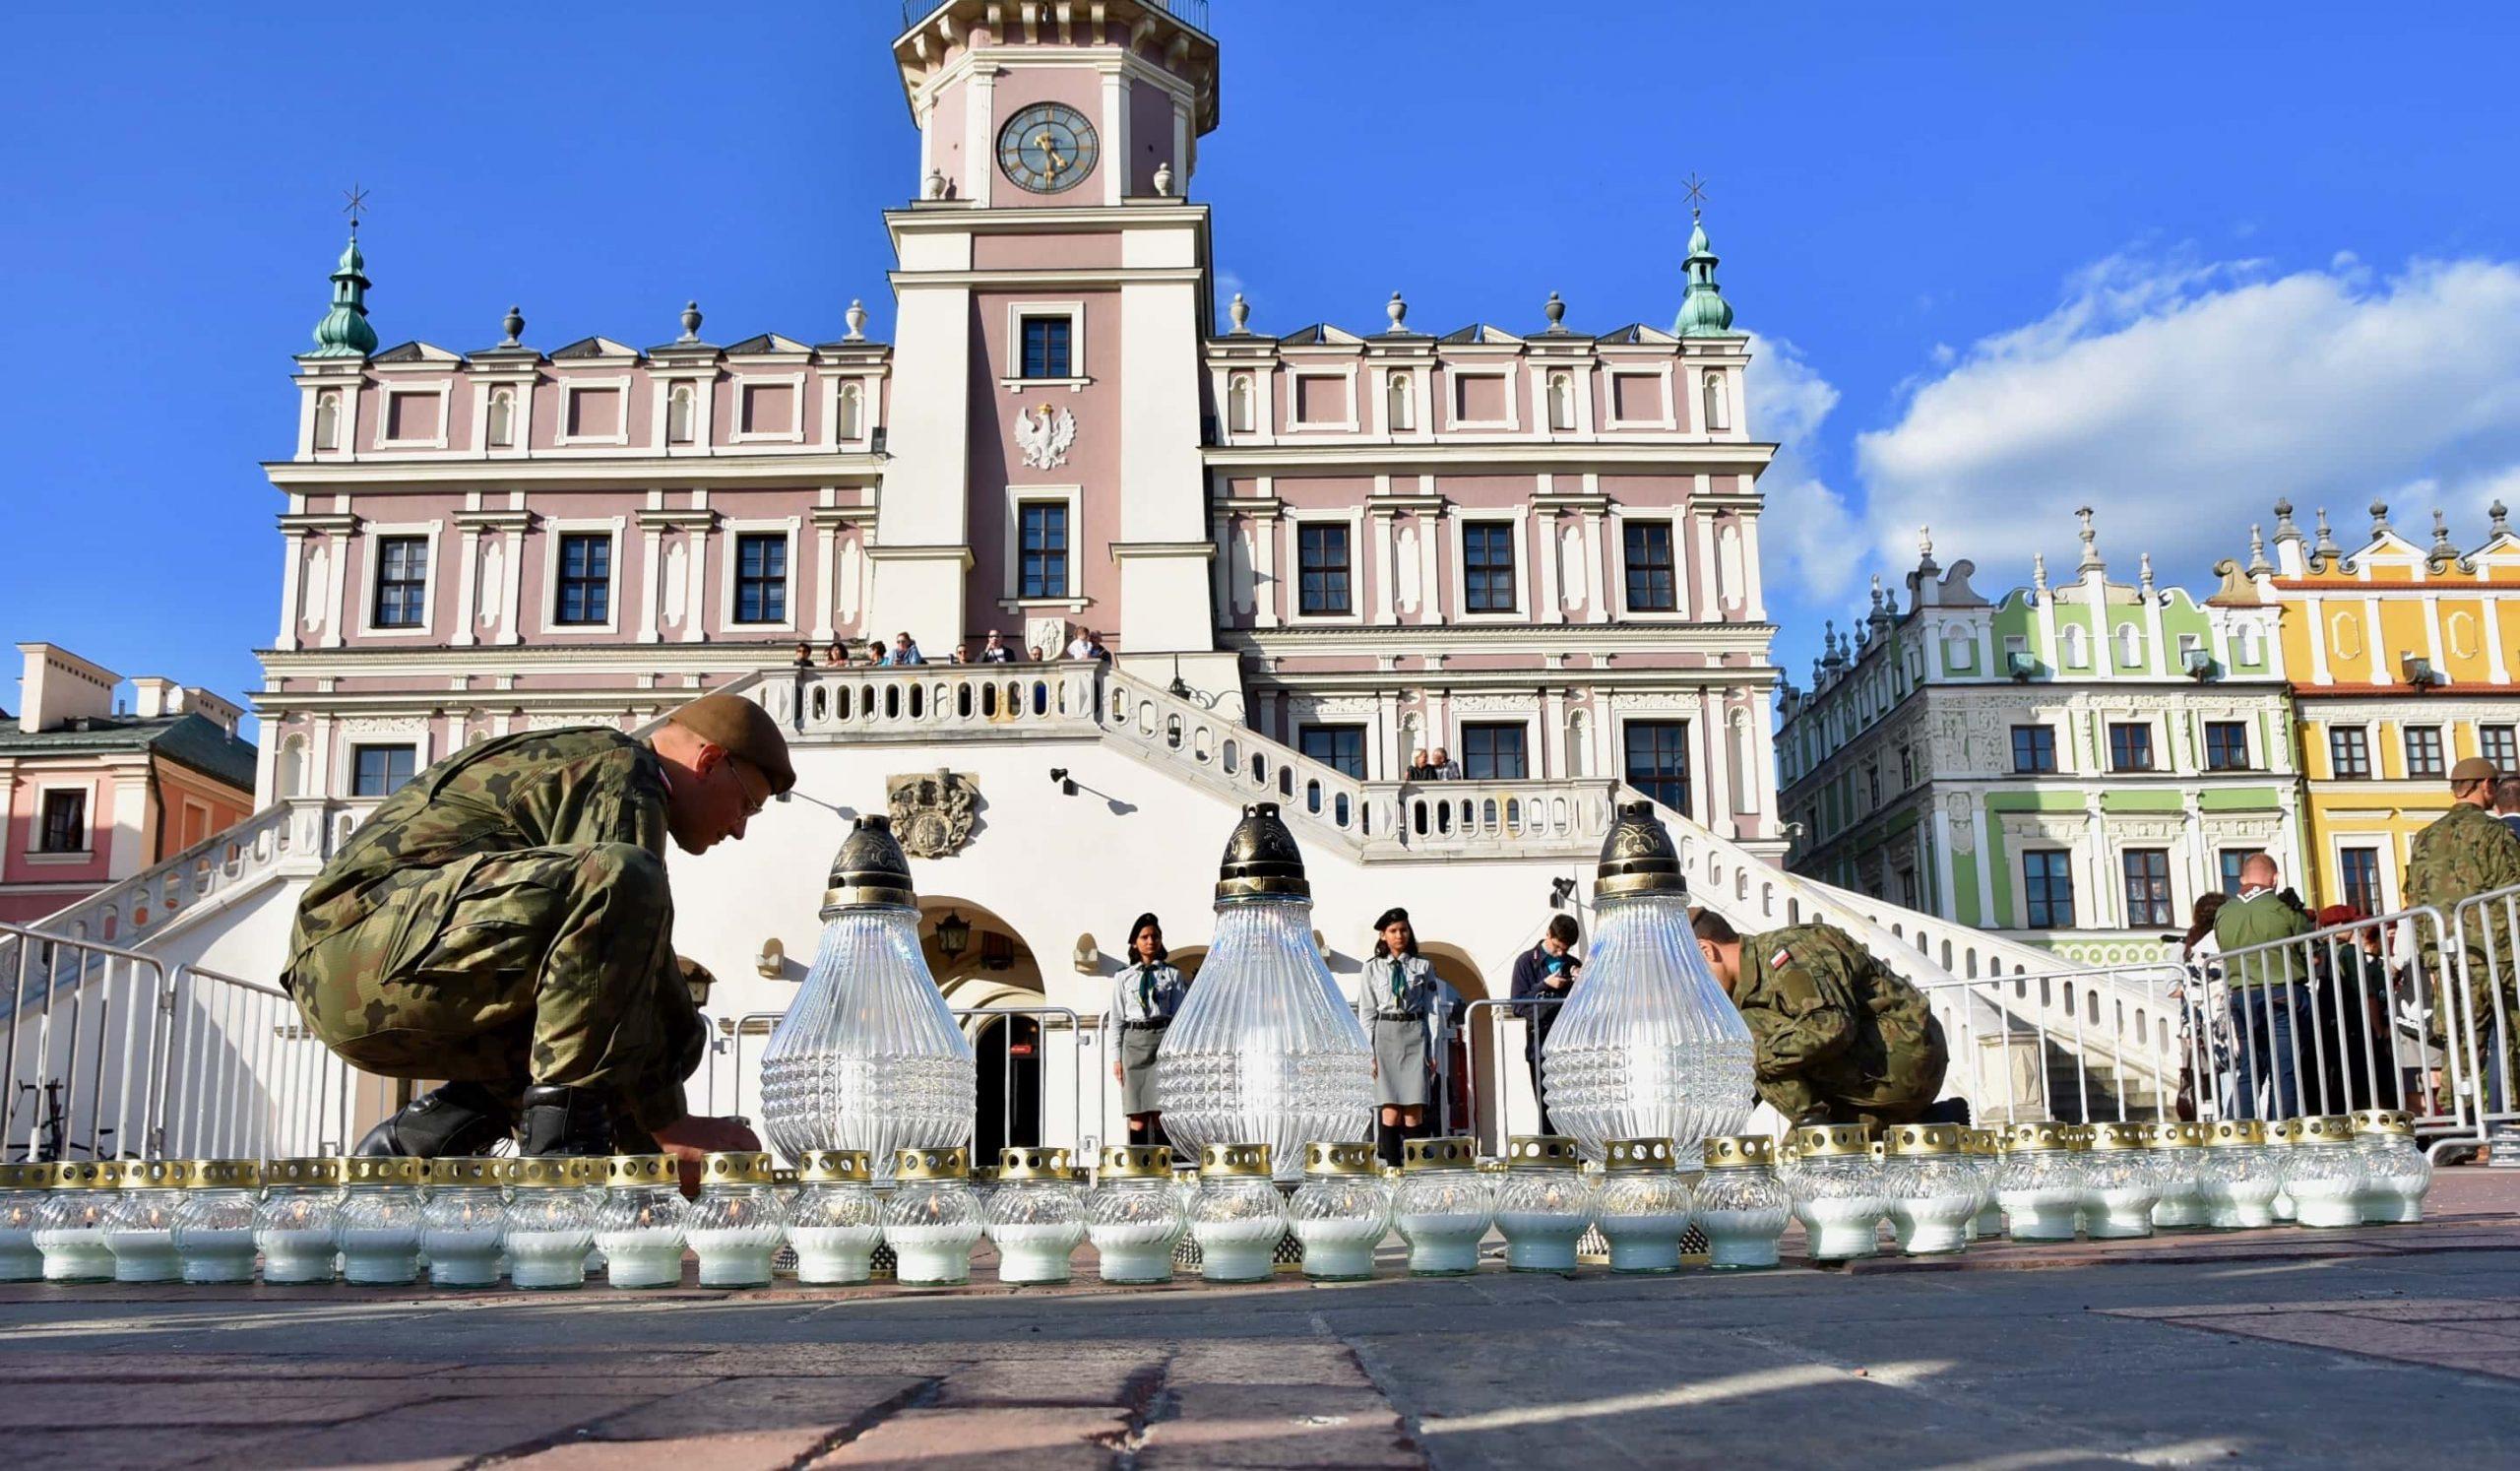 dsc 7248 scaled Tyle zniczy ilu zamordowanych w Katyniu (dużo zdjęć)